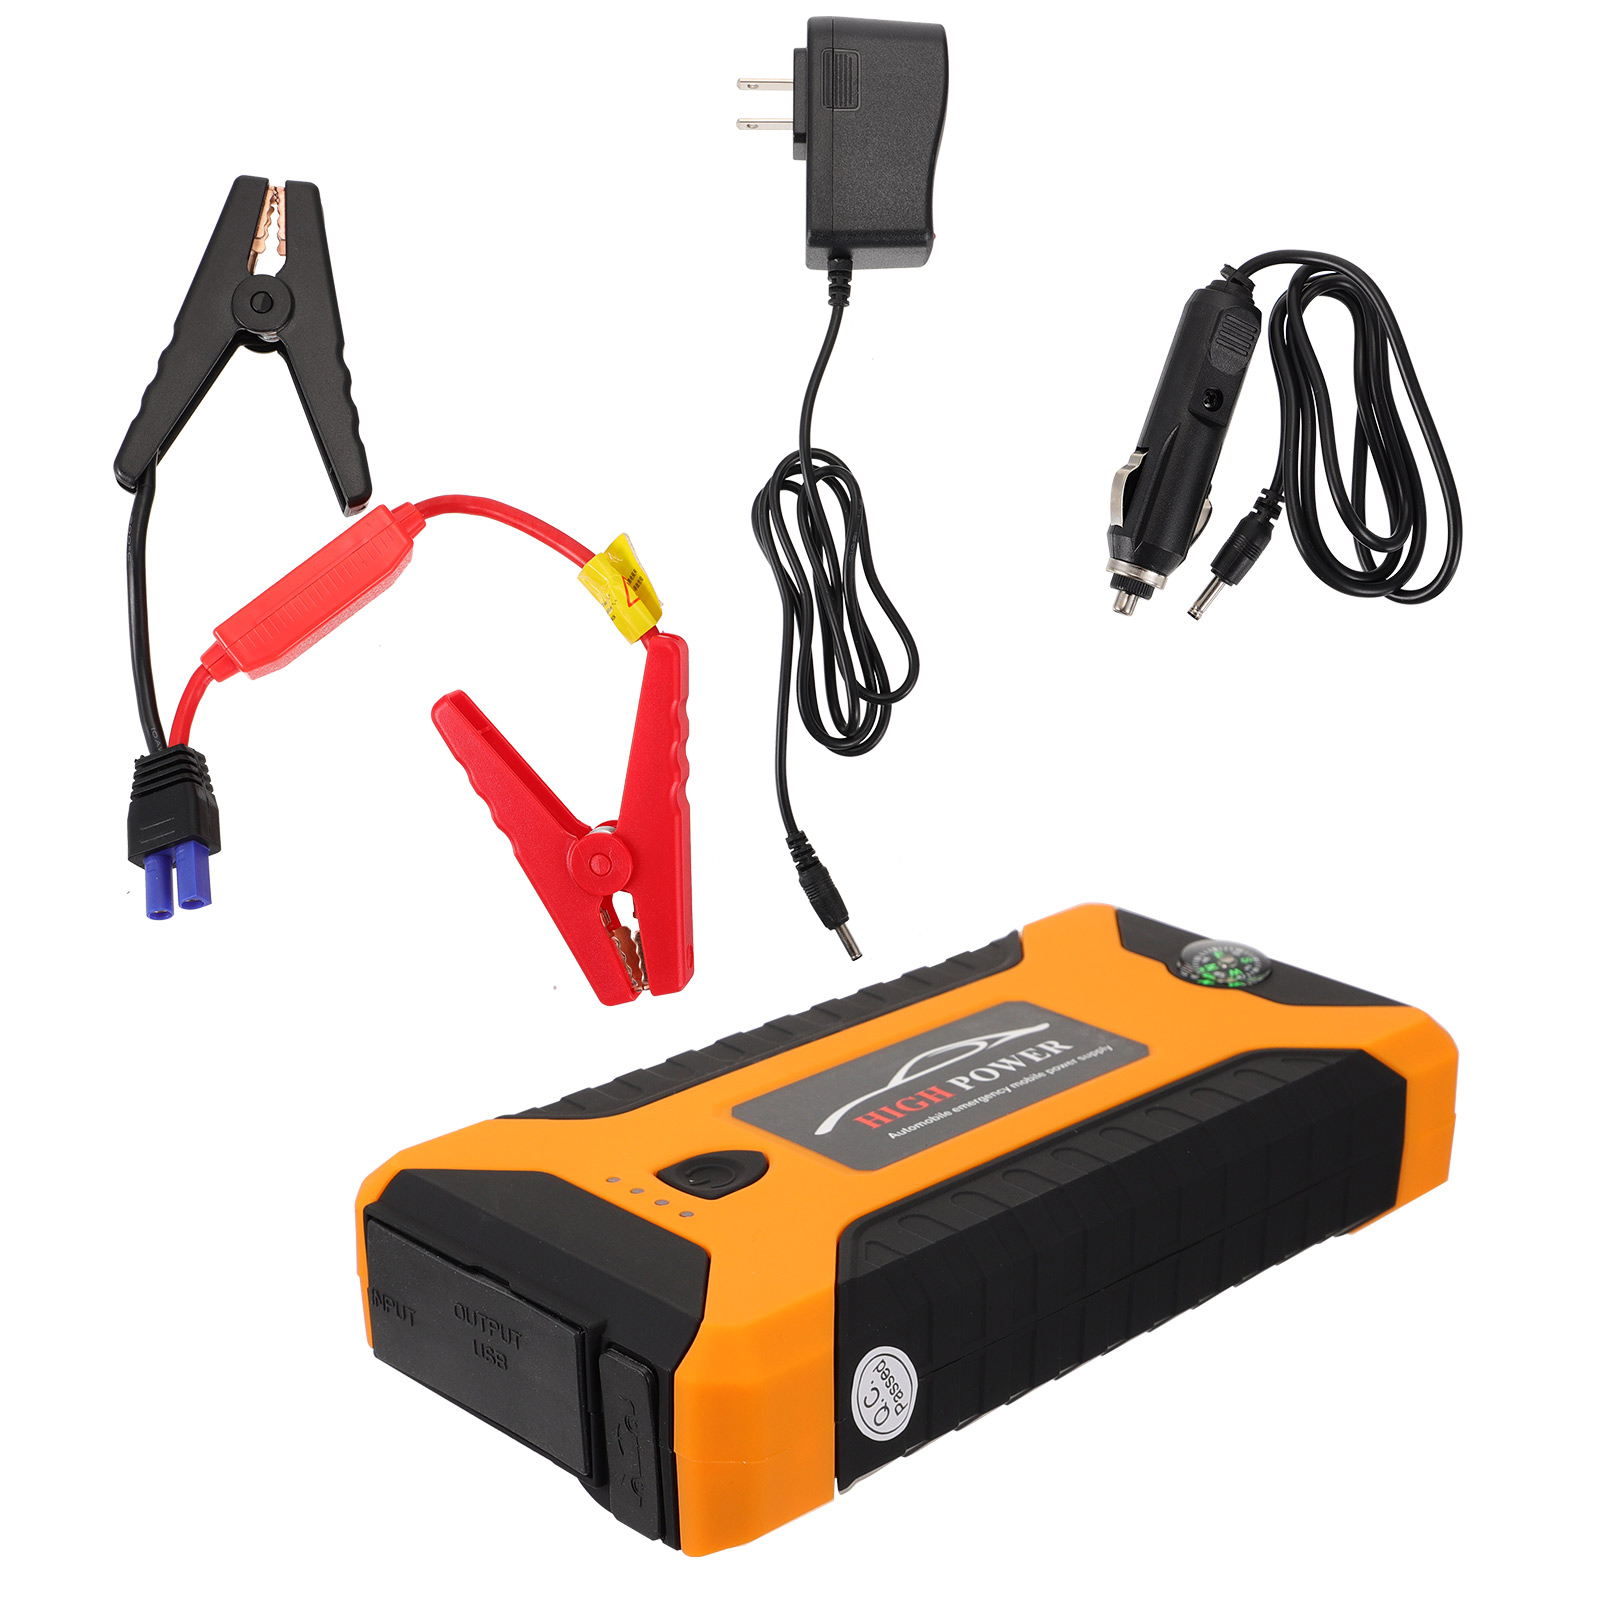 1 комплект, автомобильное зарядное устройство мА, внешний аккумулятор 12 В, зарядное устройство с вилкой Стандарта США